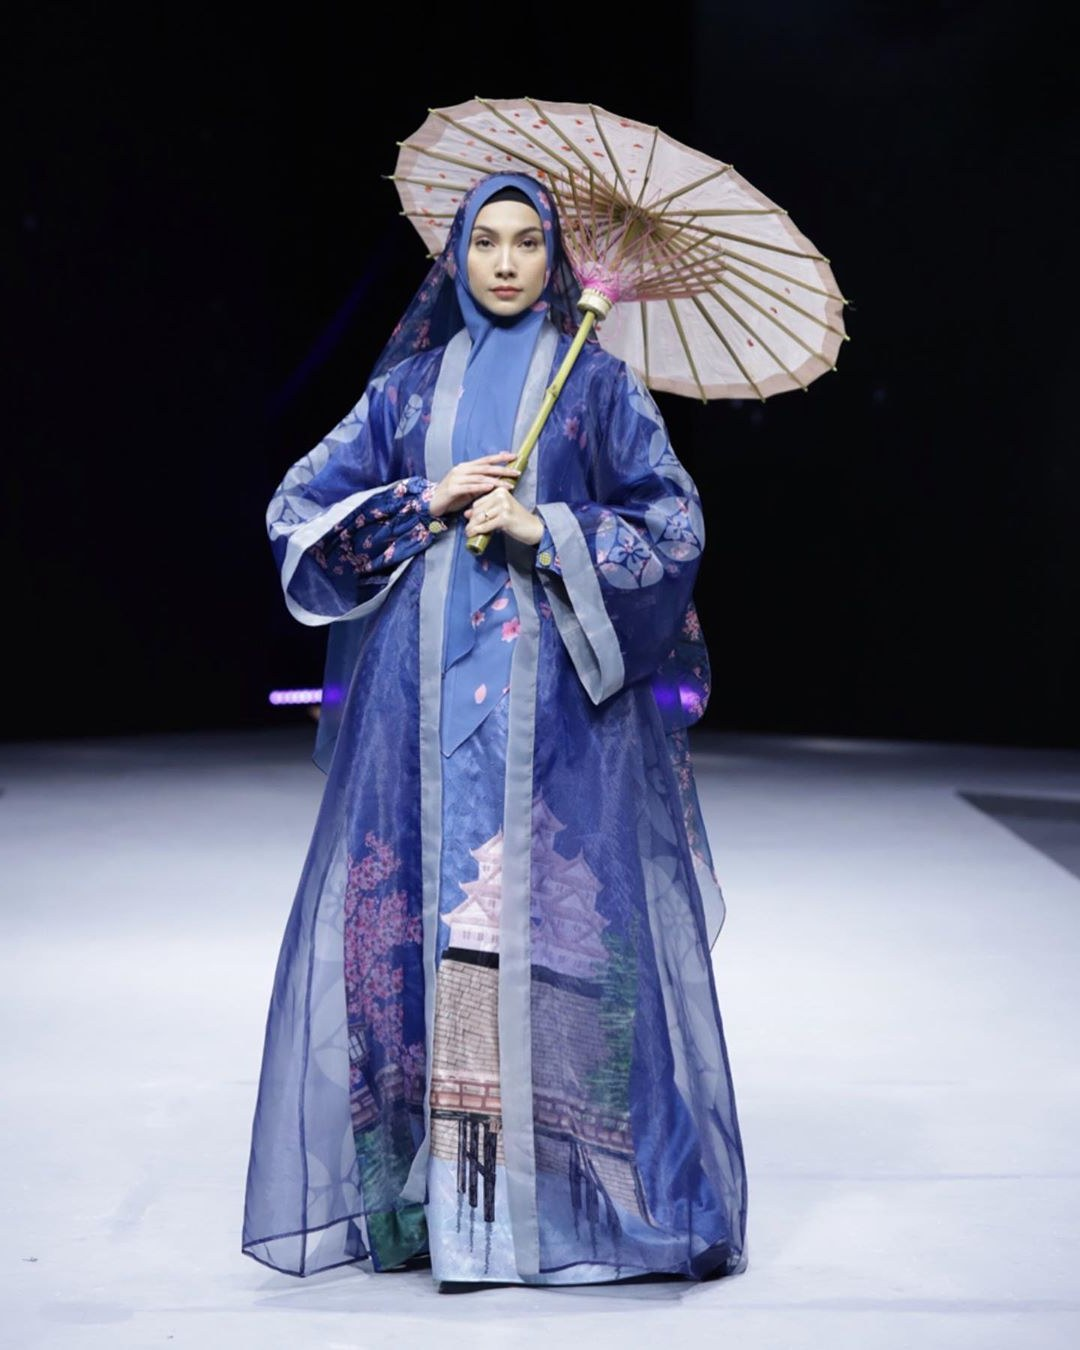 Bentuk Model Baju Lebaran Tahun 2020 Tldn Inspirasi Model Baju Lebaran 2020 Dari Para Desainer